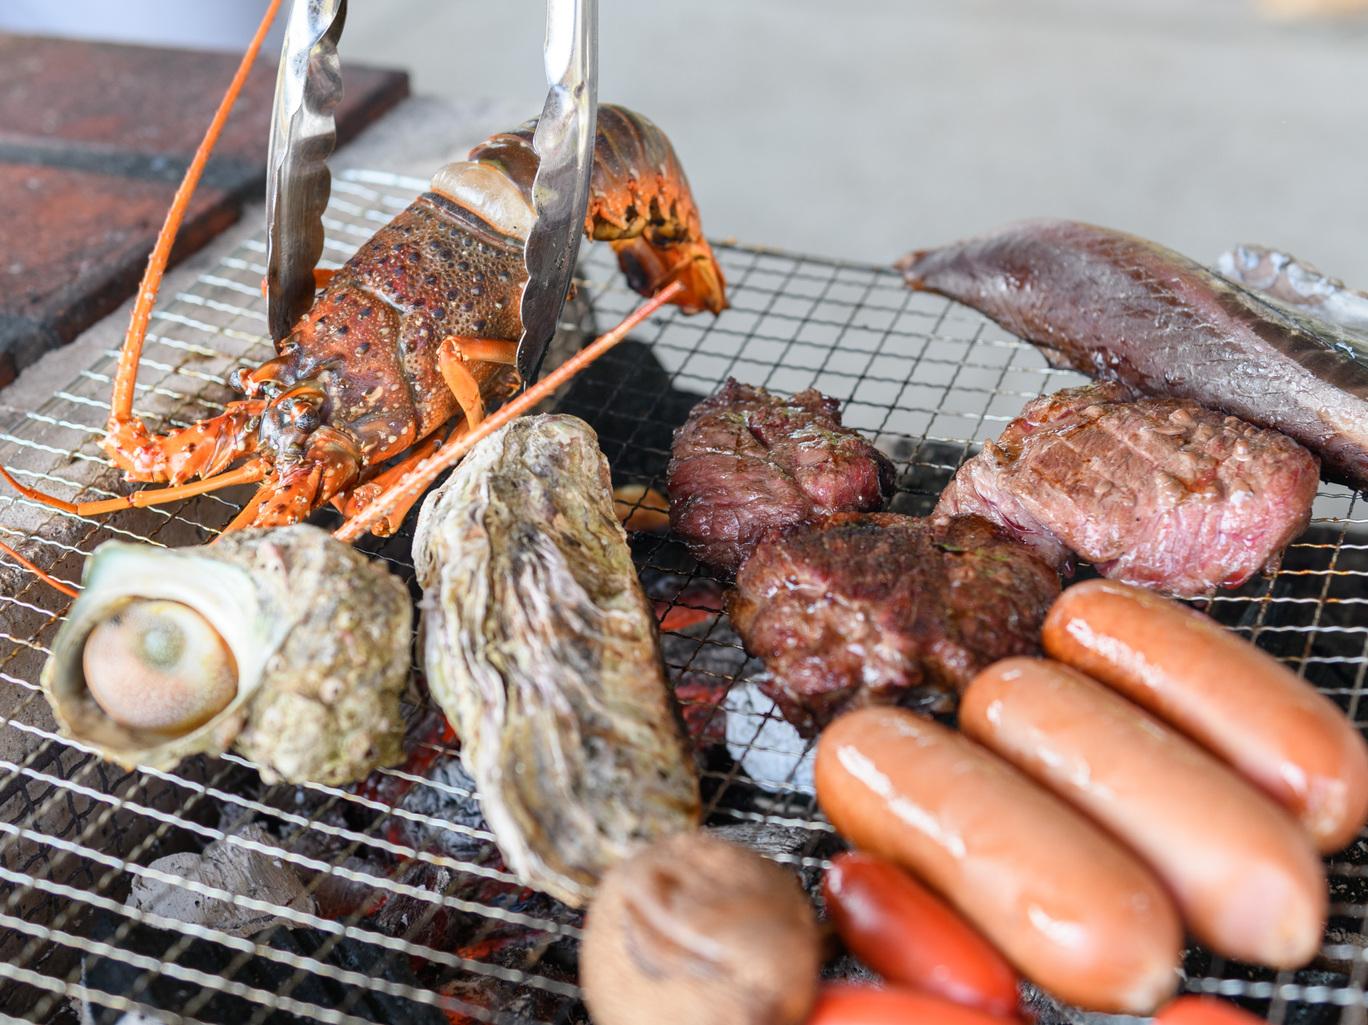 バーベキュー場で美味しいご飯を食べながら楽しい時間を過ごしませんか?